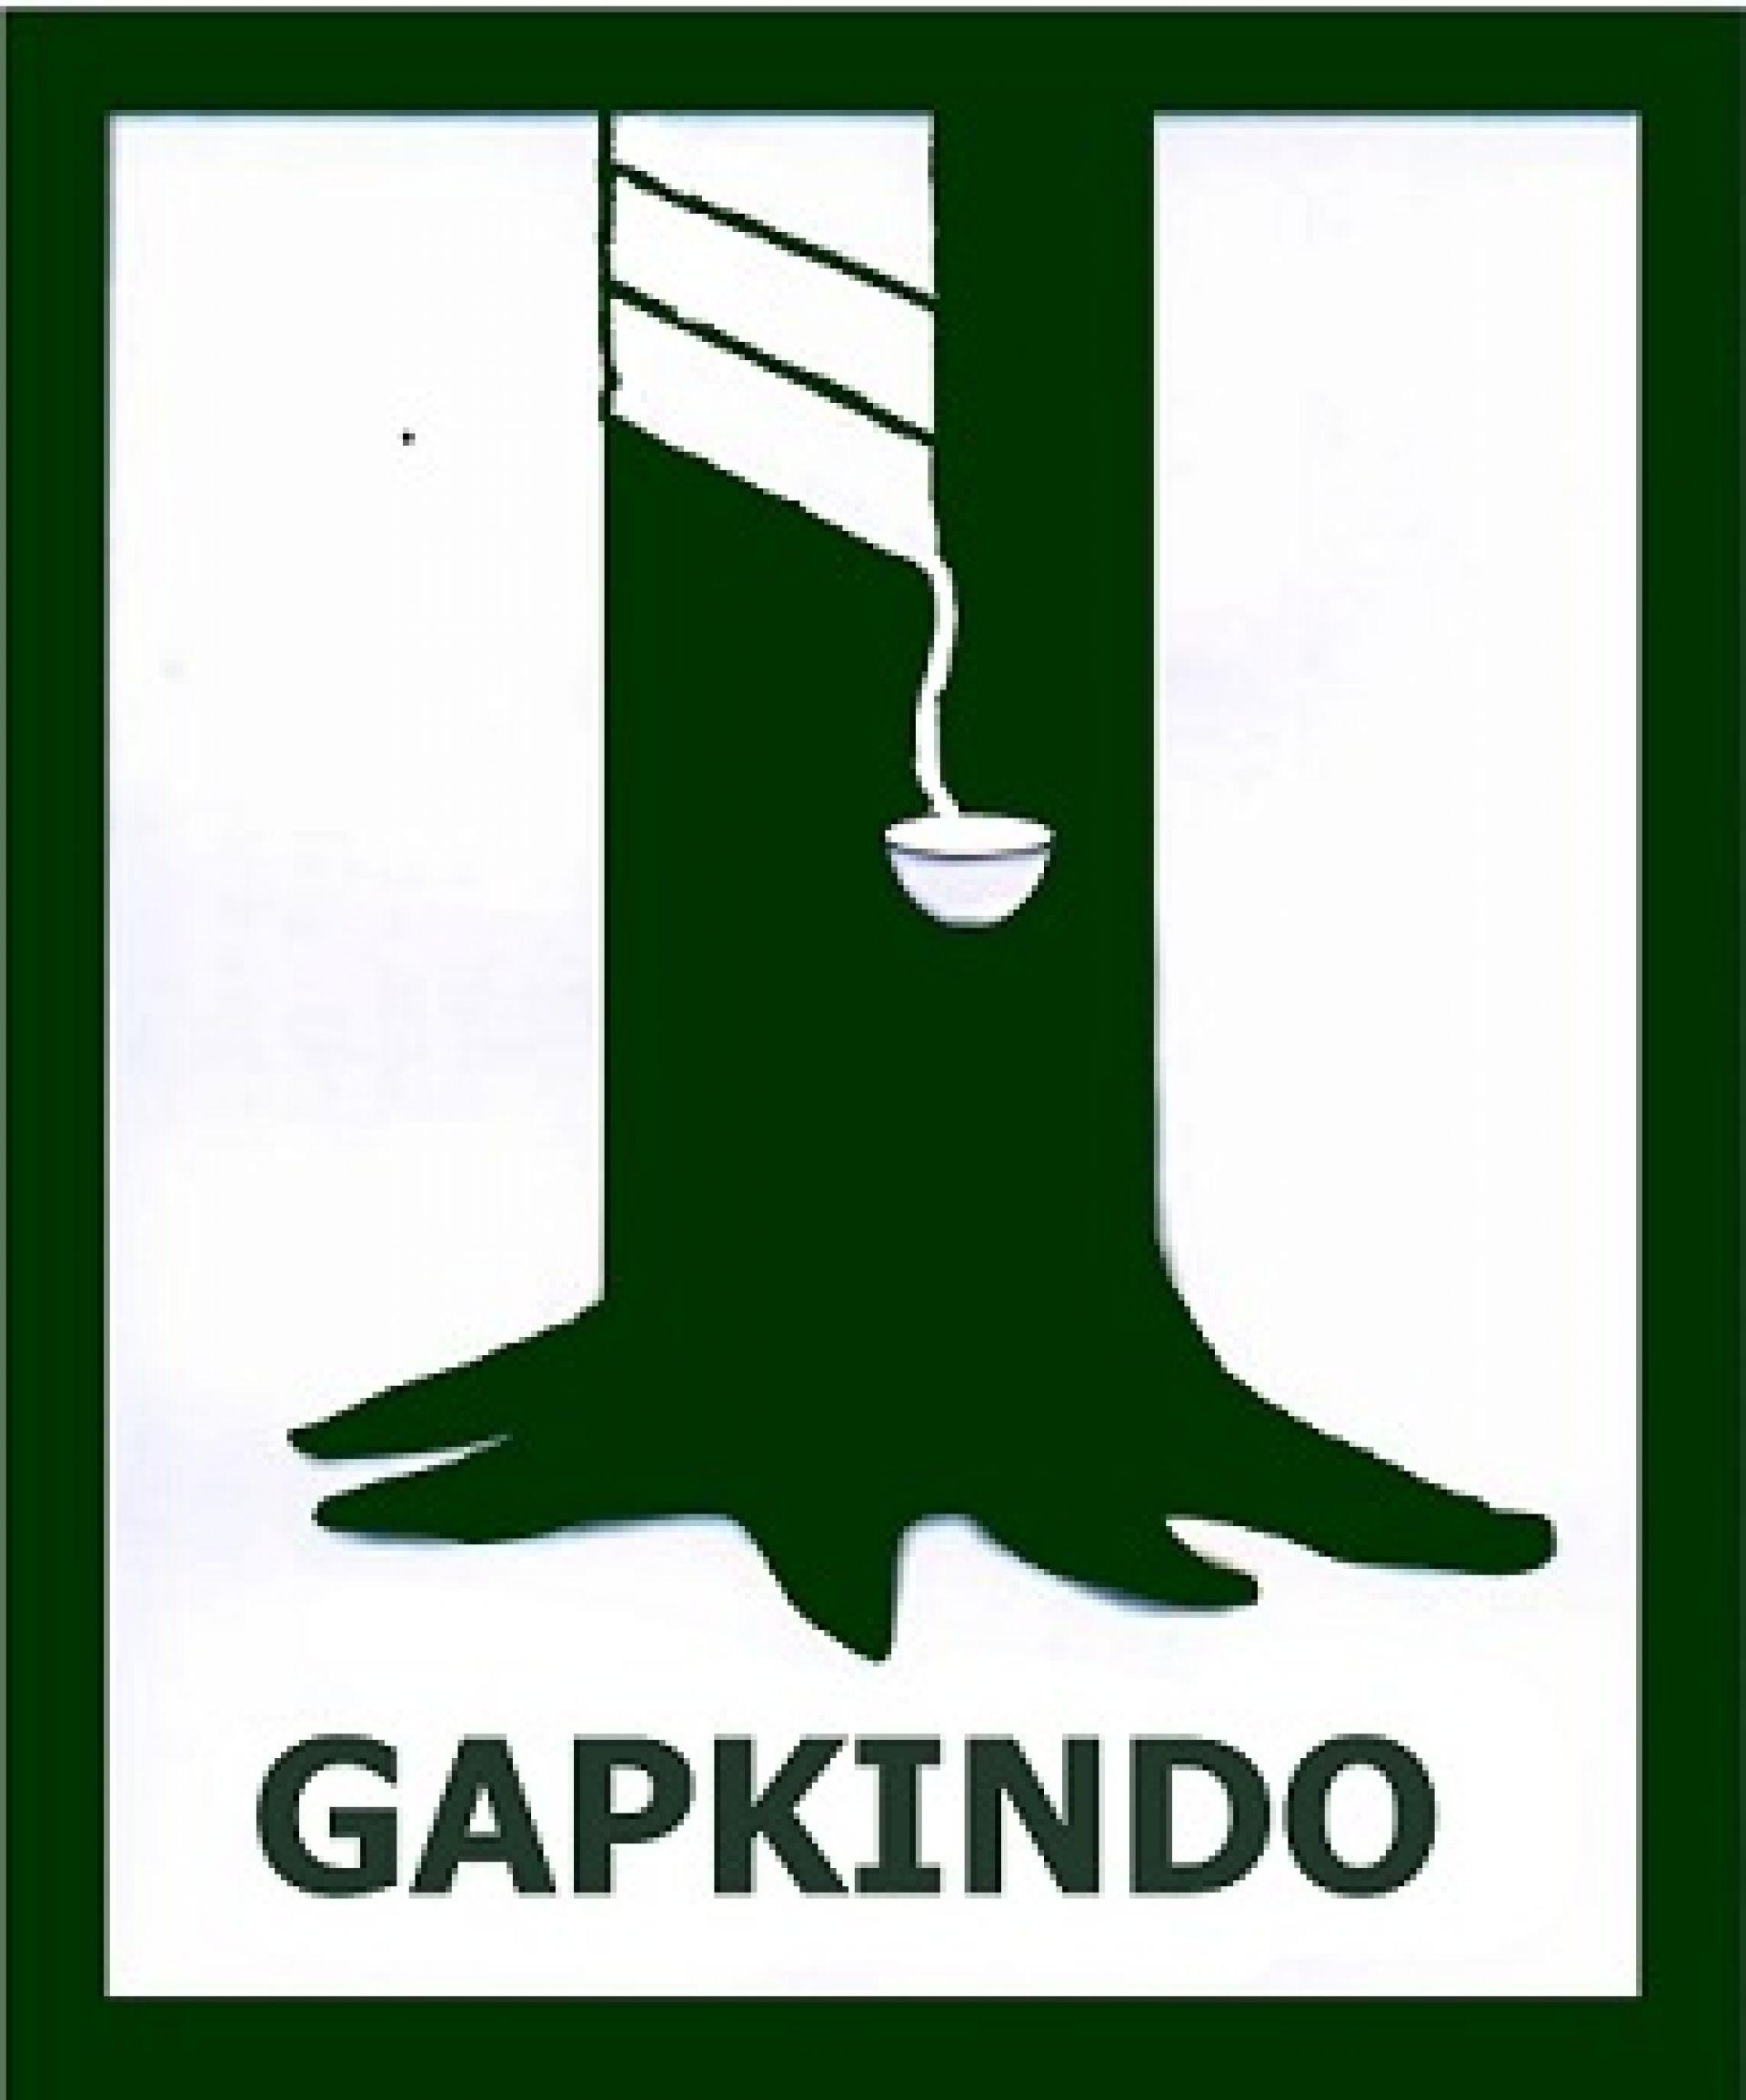 GAPKINDO